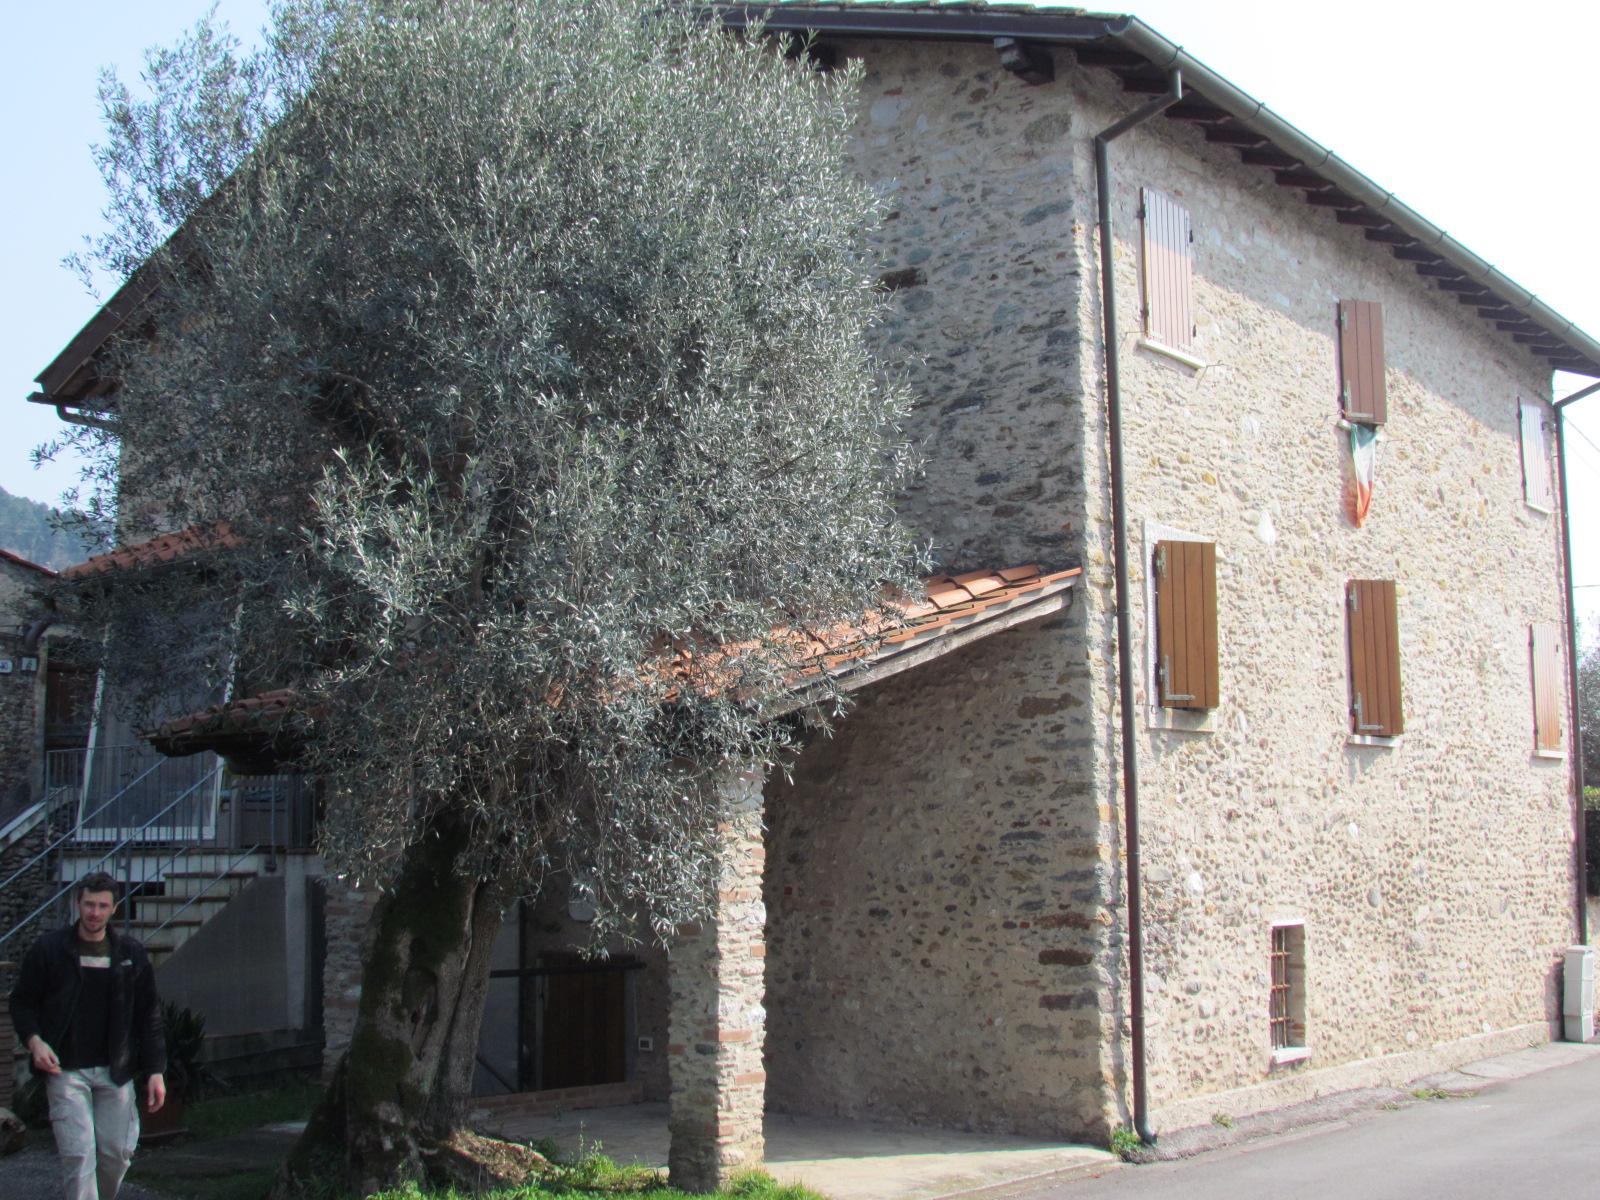 Rustico / Casale in vendita a Seravezza, 5 locali, zona Zona: Pozzi, prezzo € 298.000 | Cambio Casa.it